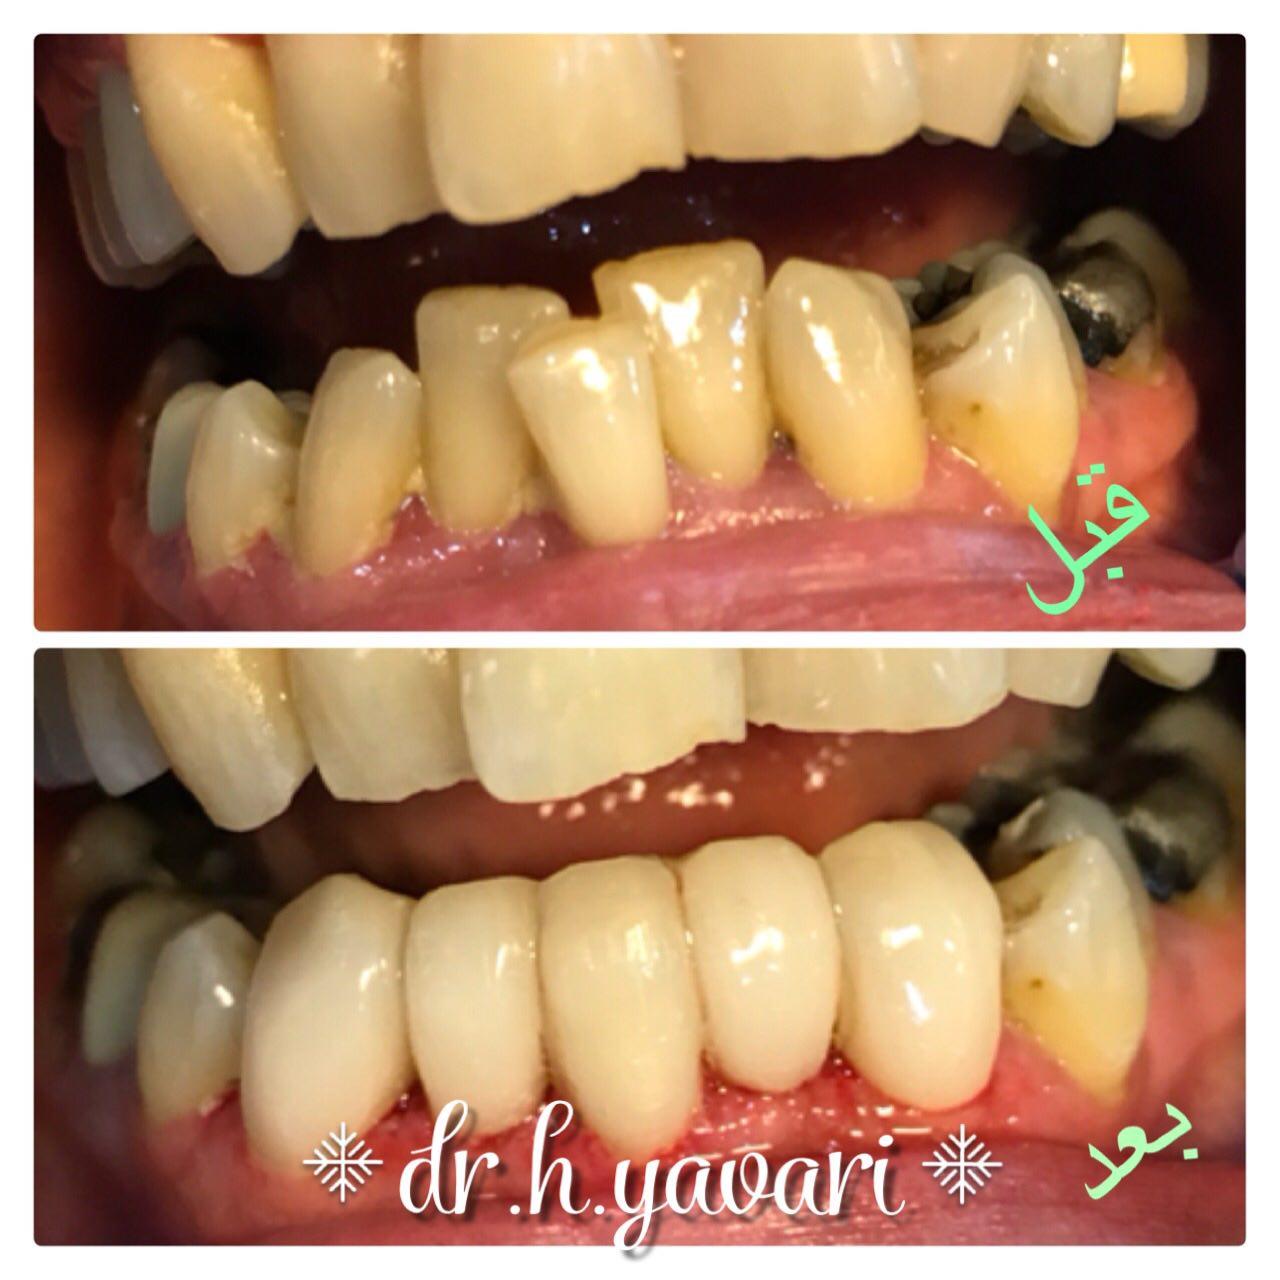 اصلاح فرم دندان توسط ونیر کامپوزیتی با حداقل تراش